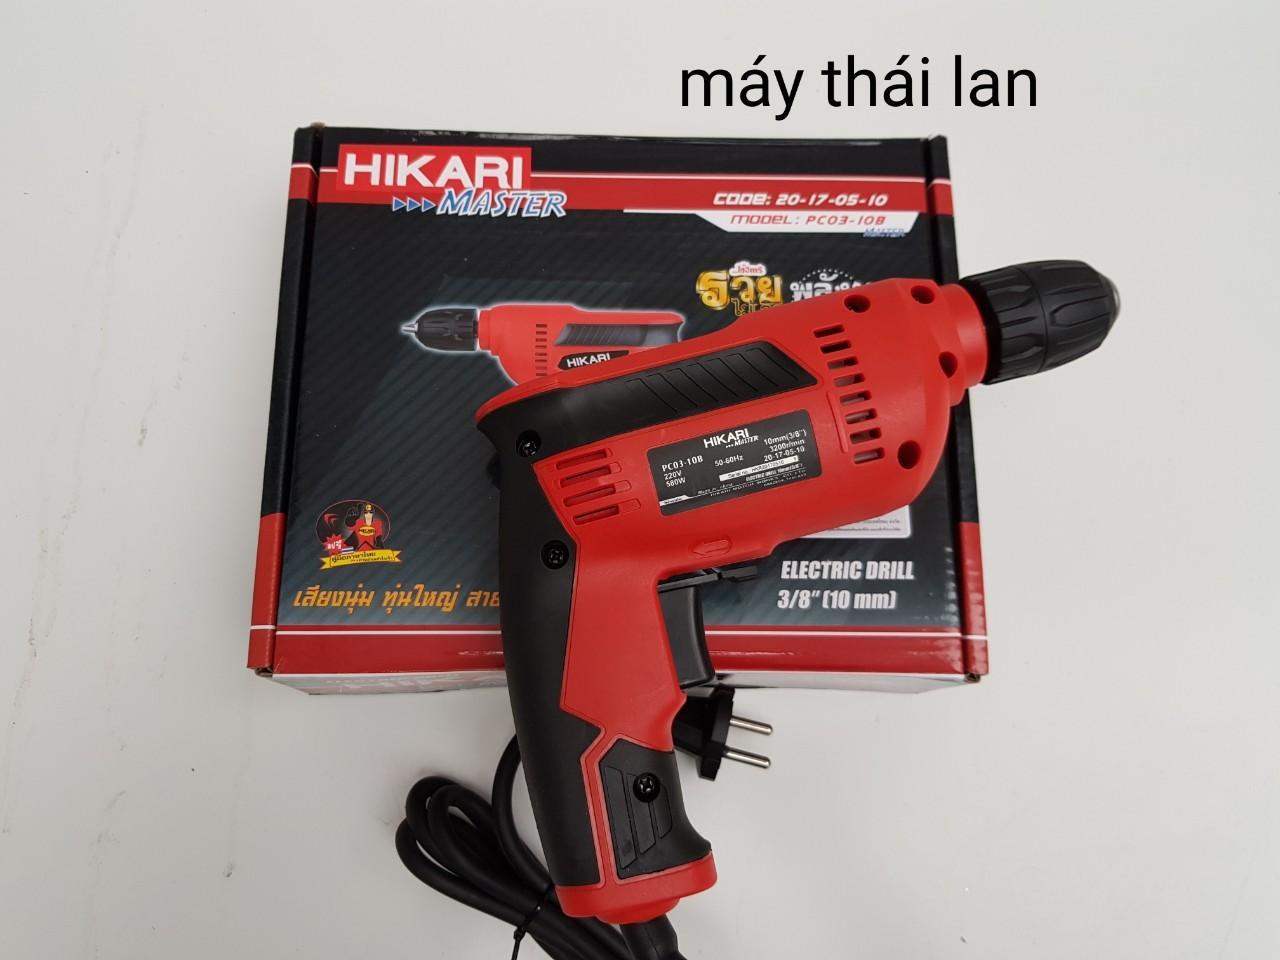 máy khoan hikari thái lan pc03-10b 10mm